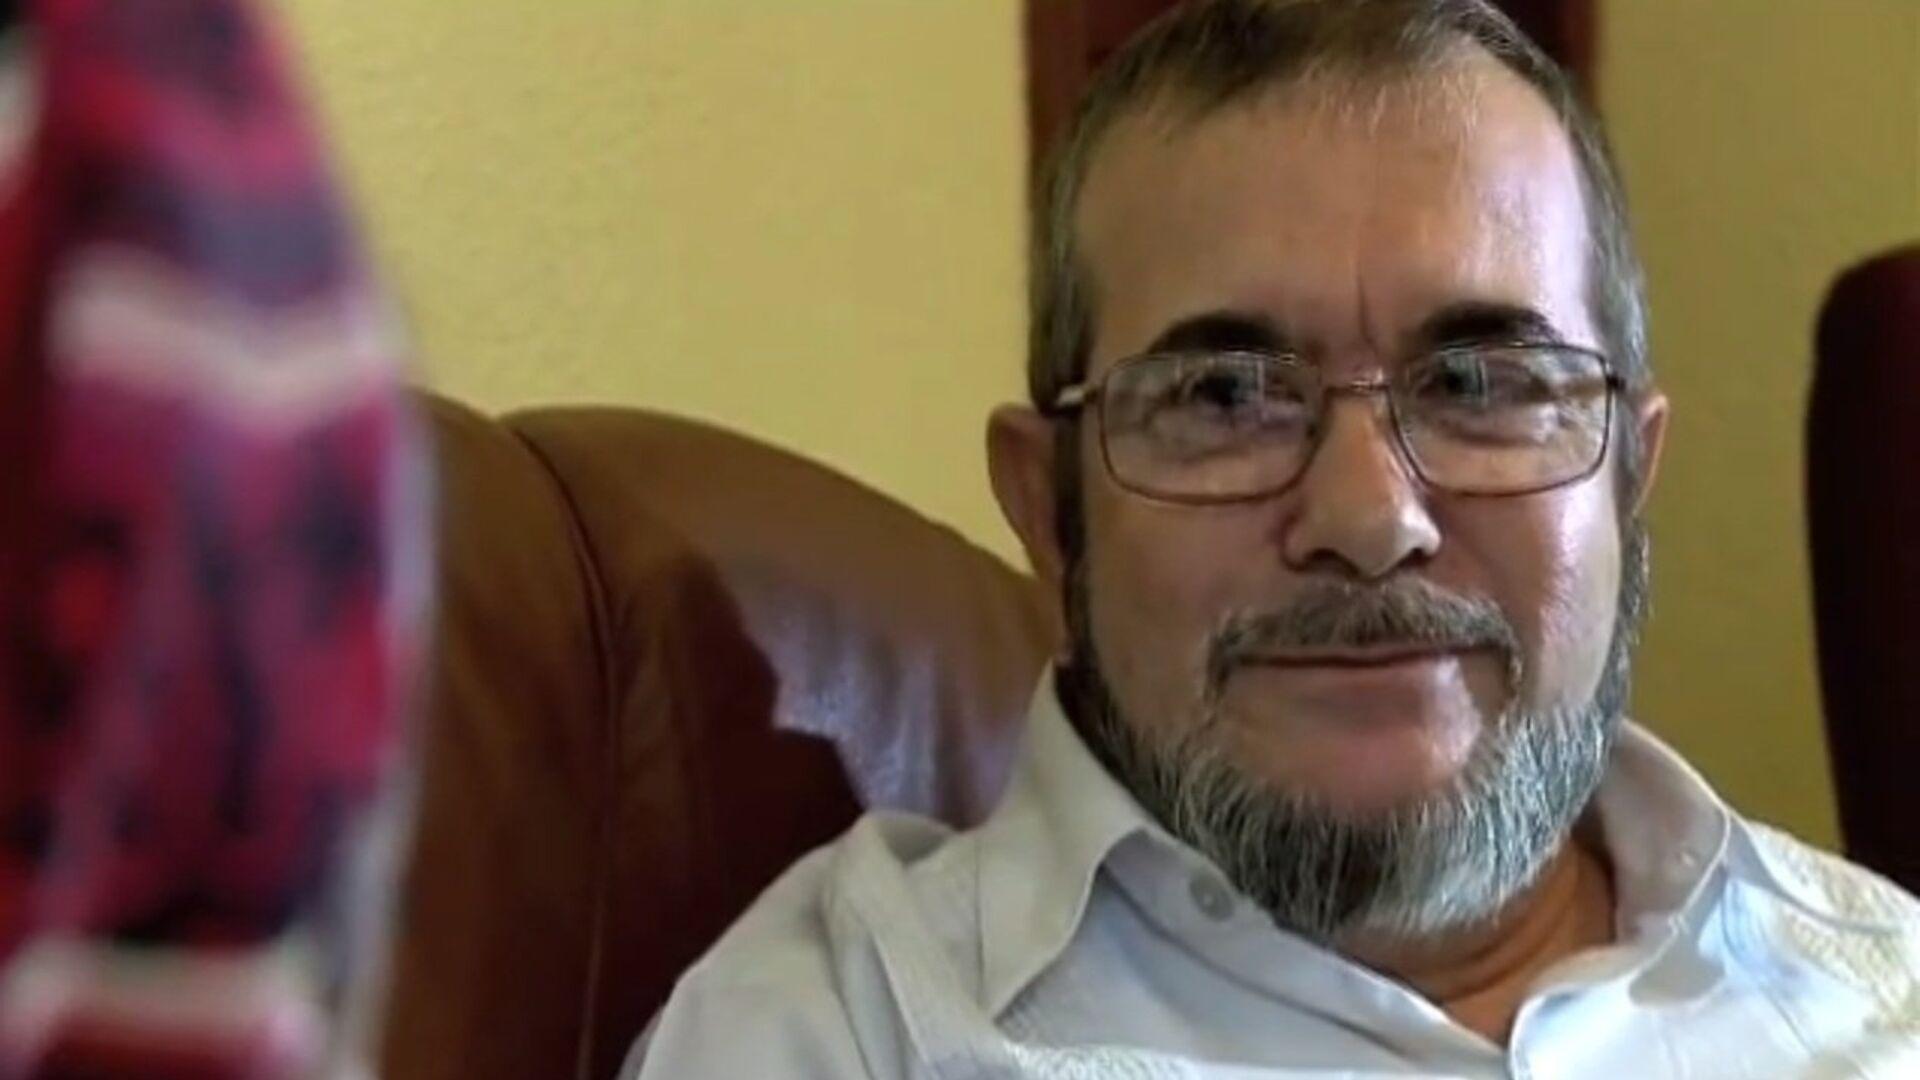 El máximo líder de las FARC, Rodrigo Londoño Echeverri, alias 'Timochenko' - Sputnik Mundo, 1920, 24.03.2021